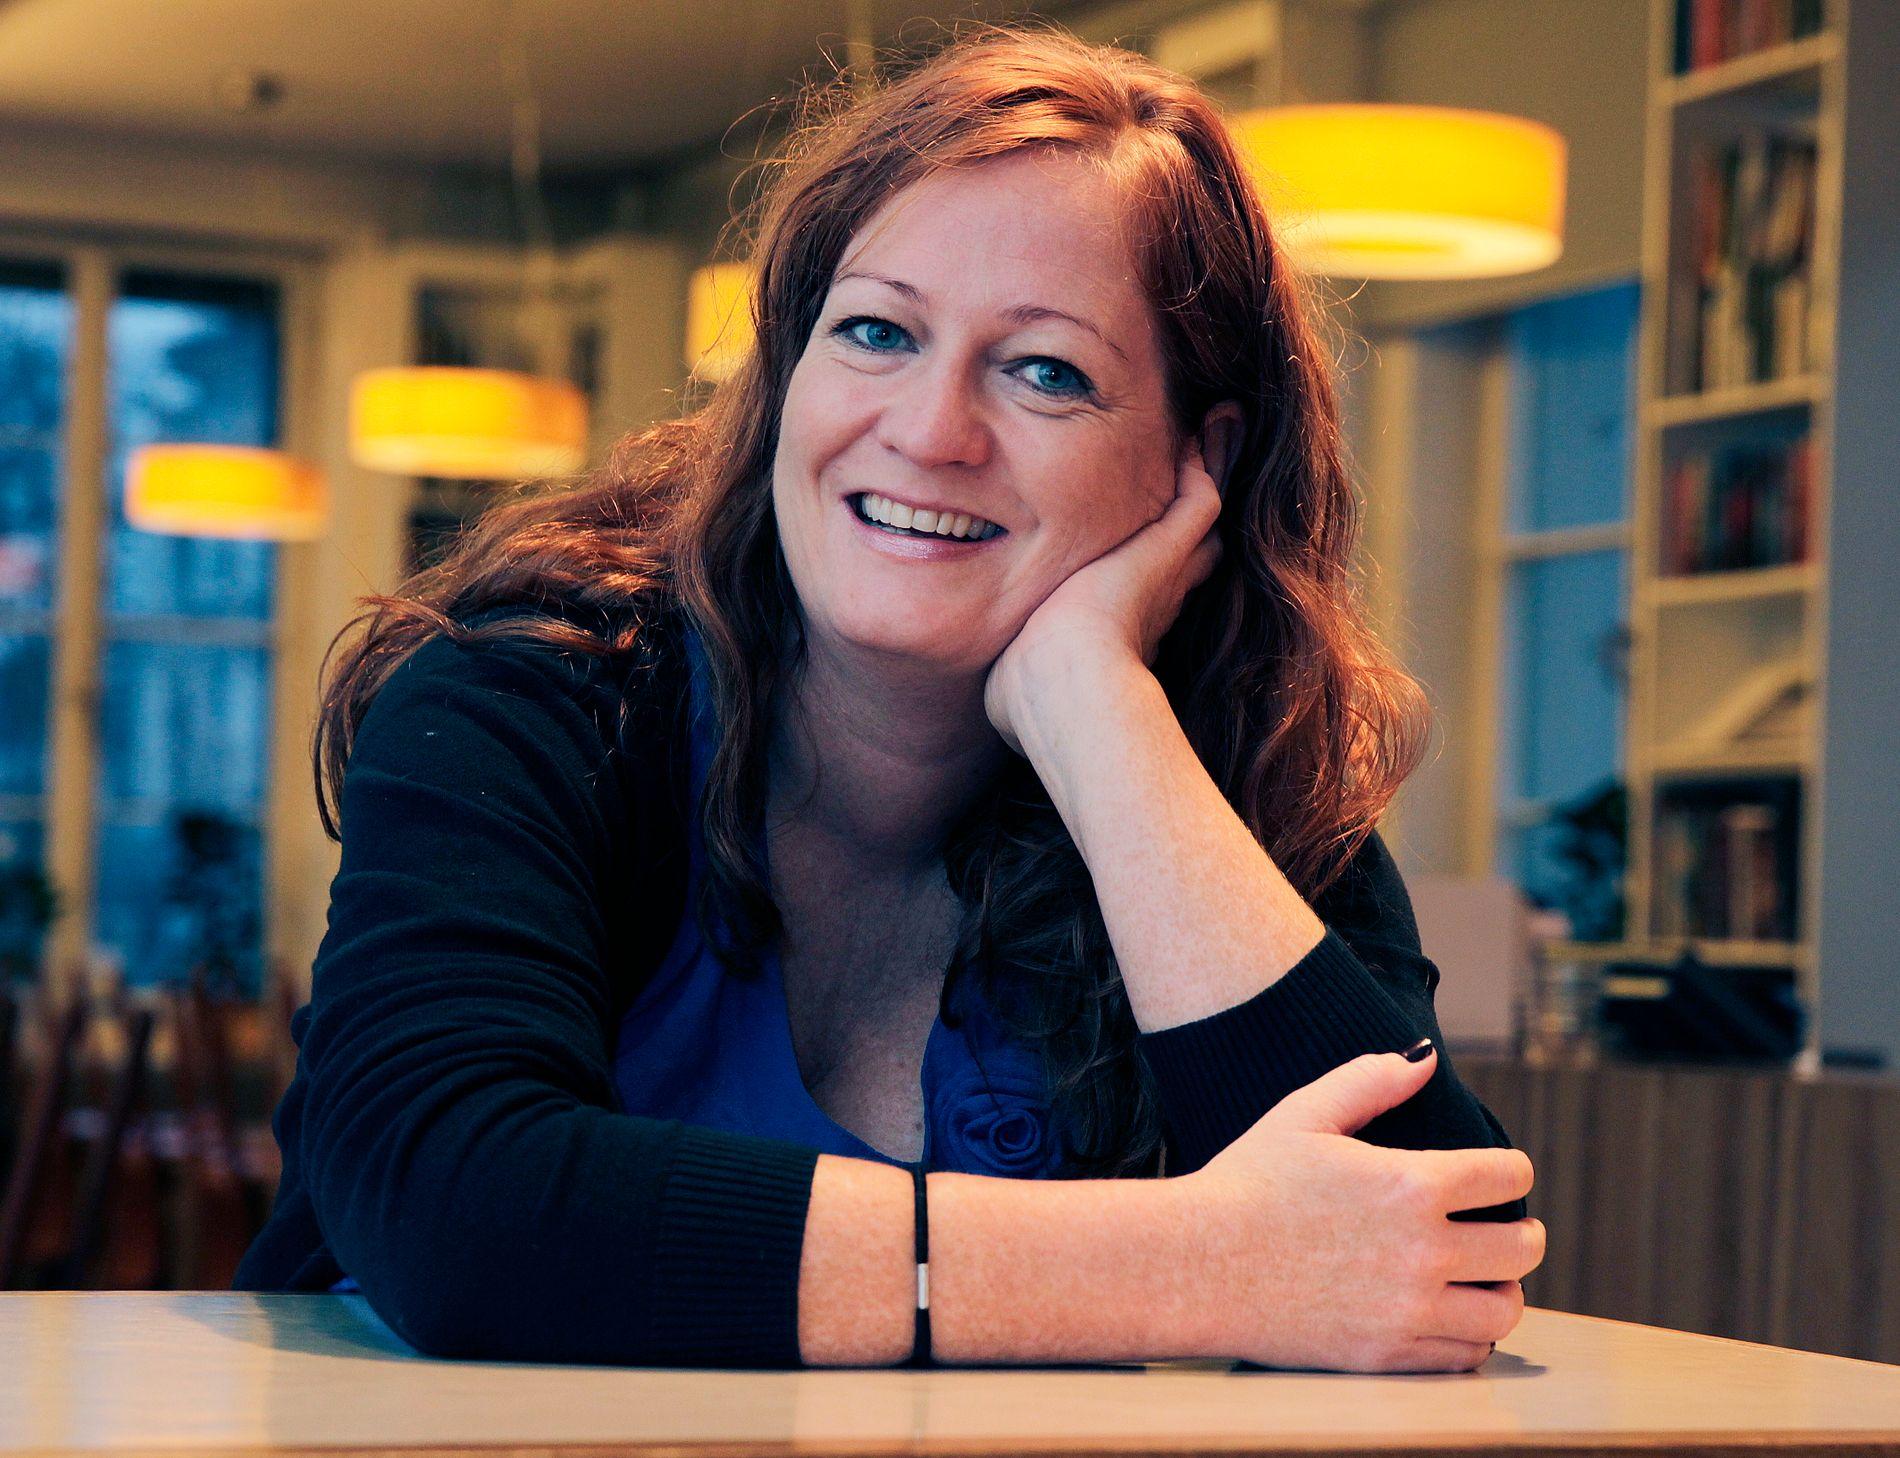 POPULÆR: Heidi Linde (f. 1973 i Asker) er forfatter og manusforfatter. Hun debuterte med barneboka «Myggstikk» (1998), og har bl.a. skrevet barnebokserien om Pym Pettersons mislykka liv. Hun er også forfatteren bak kritikerroste romaner som «Nu, jävlar!» og «Norsk sokkel».